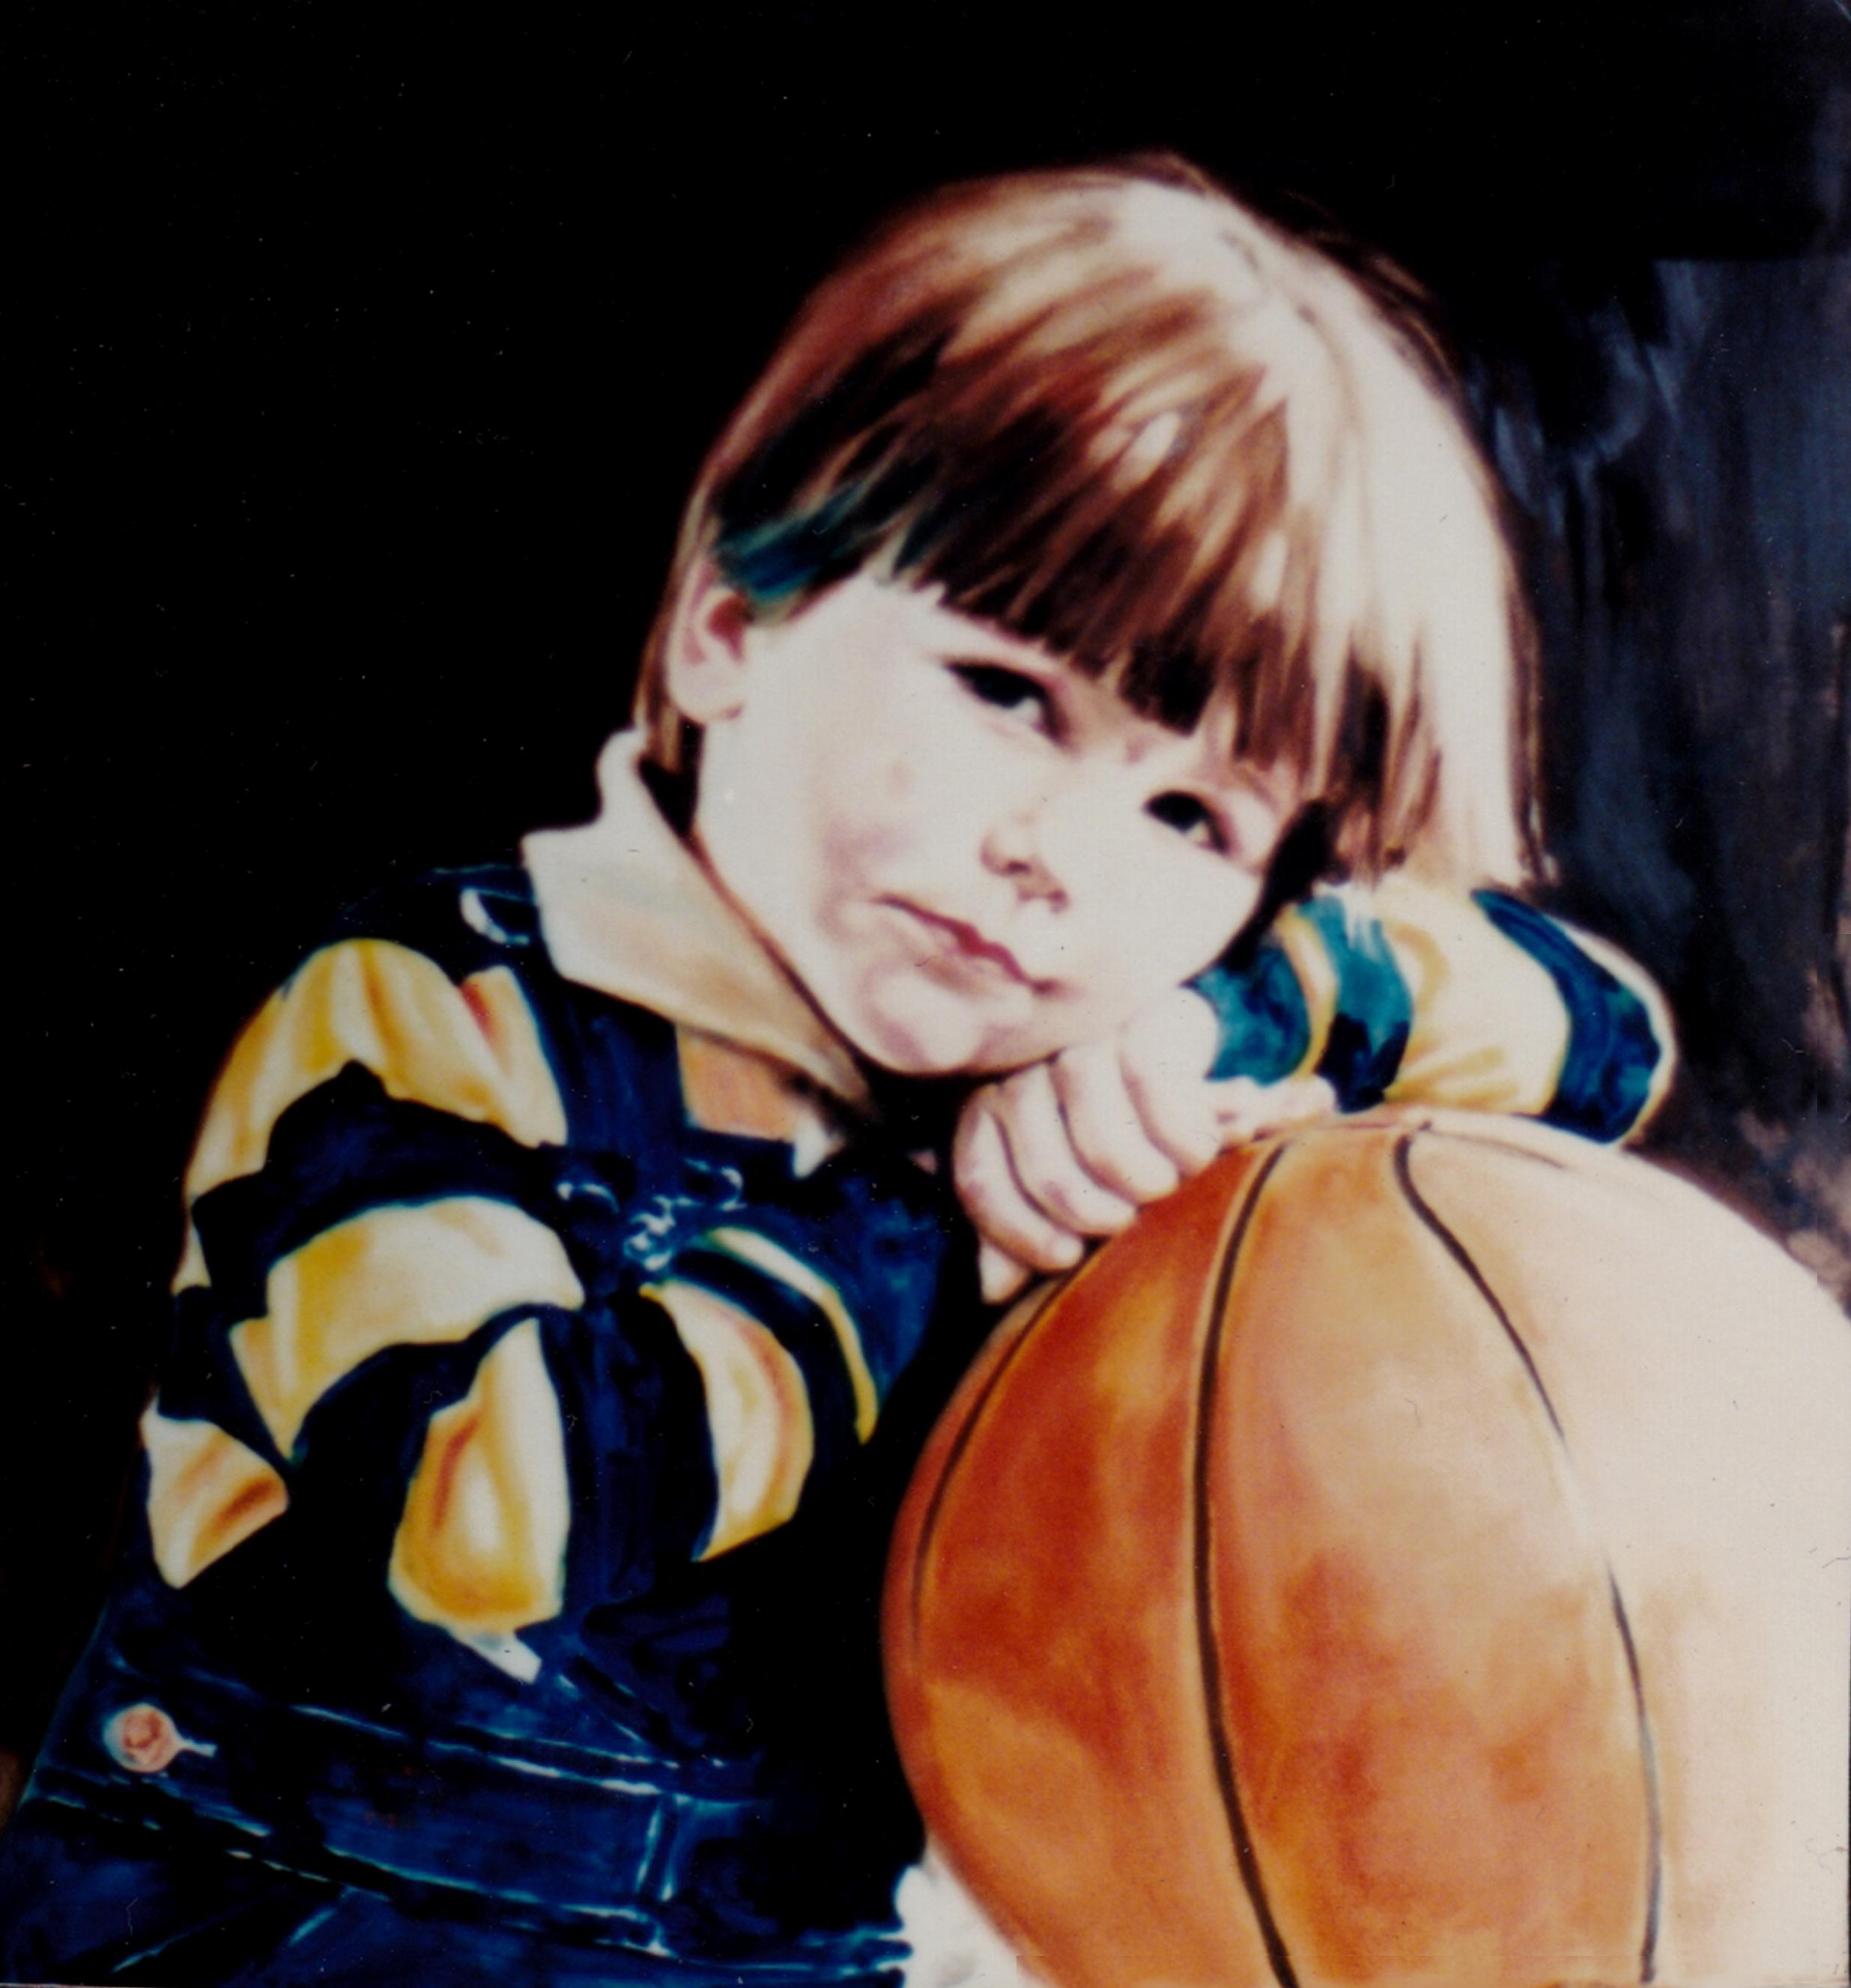 Ben+w+Basketball.jpg